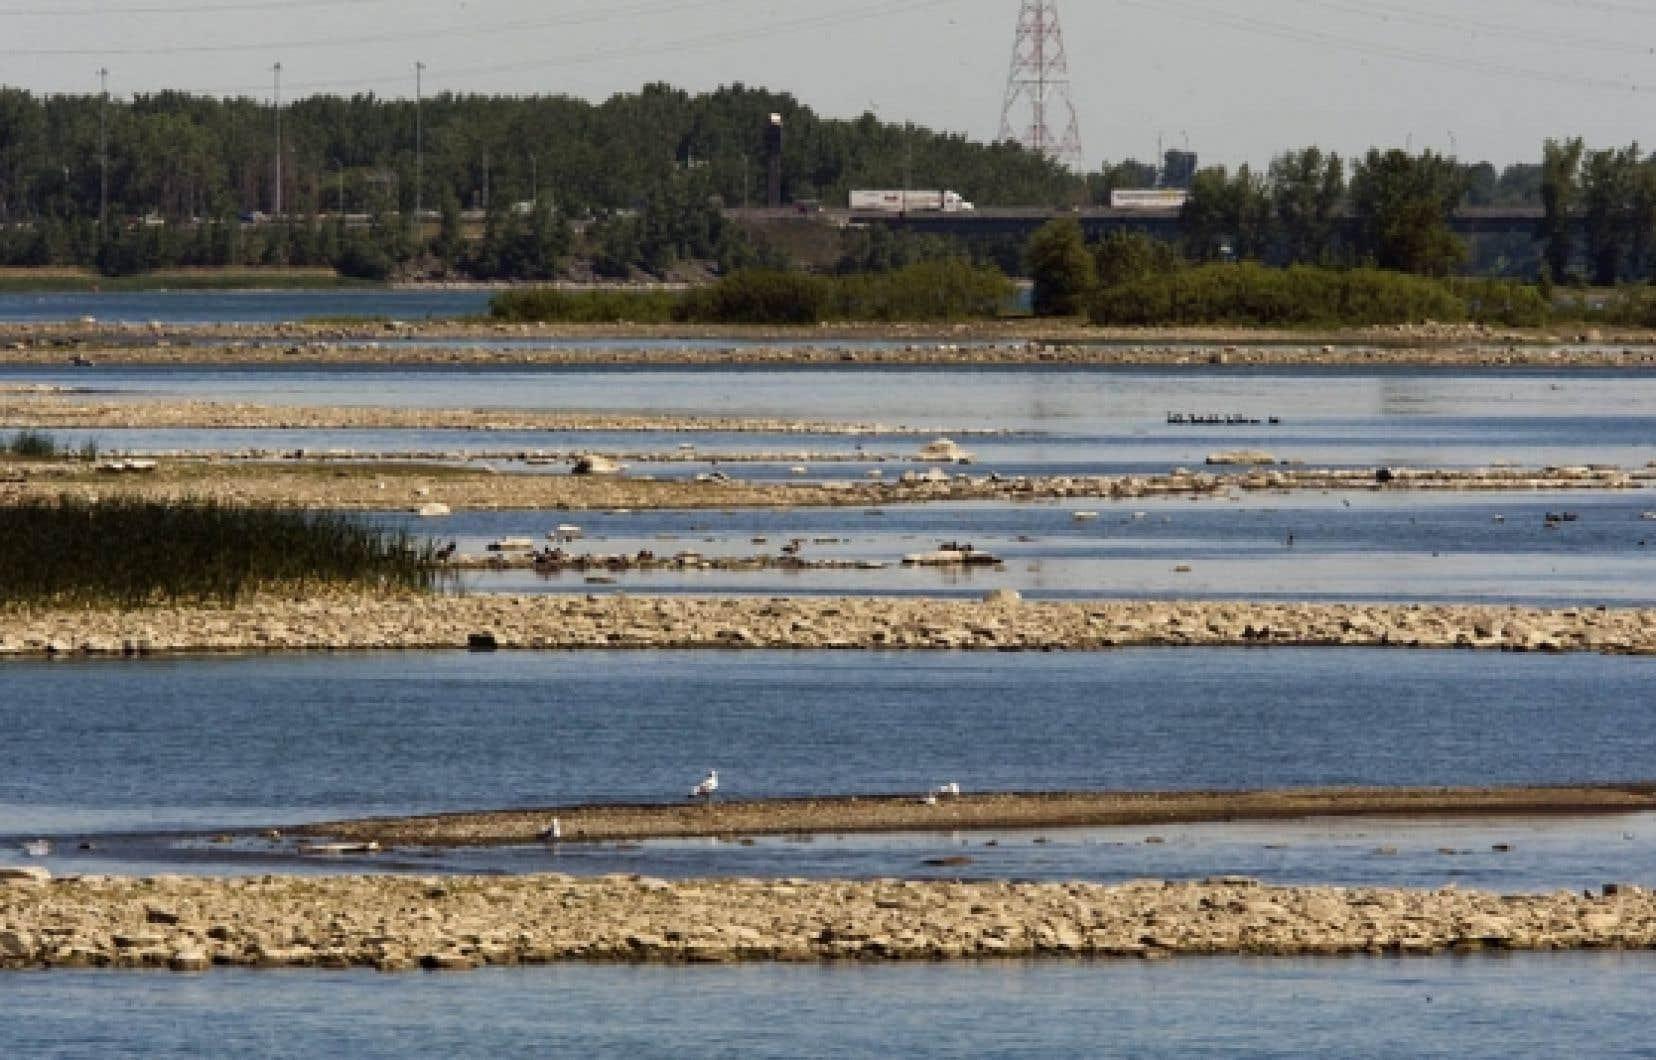 C'est par milliers que se comptent les poissons morts depuis quelques jours dans des cours d'eau de la région Chaudière-Appalaches et les rivières Nicolet et Bécancour, au point qu'une mortalité importante a même été enregistrée dans le fleuve, à l'embouchure de la Bécancour. On a relevé dans ces cours d'eau des températures atteignant 35 °C, alors qu'au-delà de 30 °C, le métabolisme des poissons d'eaux froides s'arrête.<br />